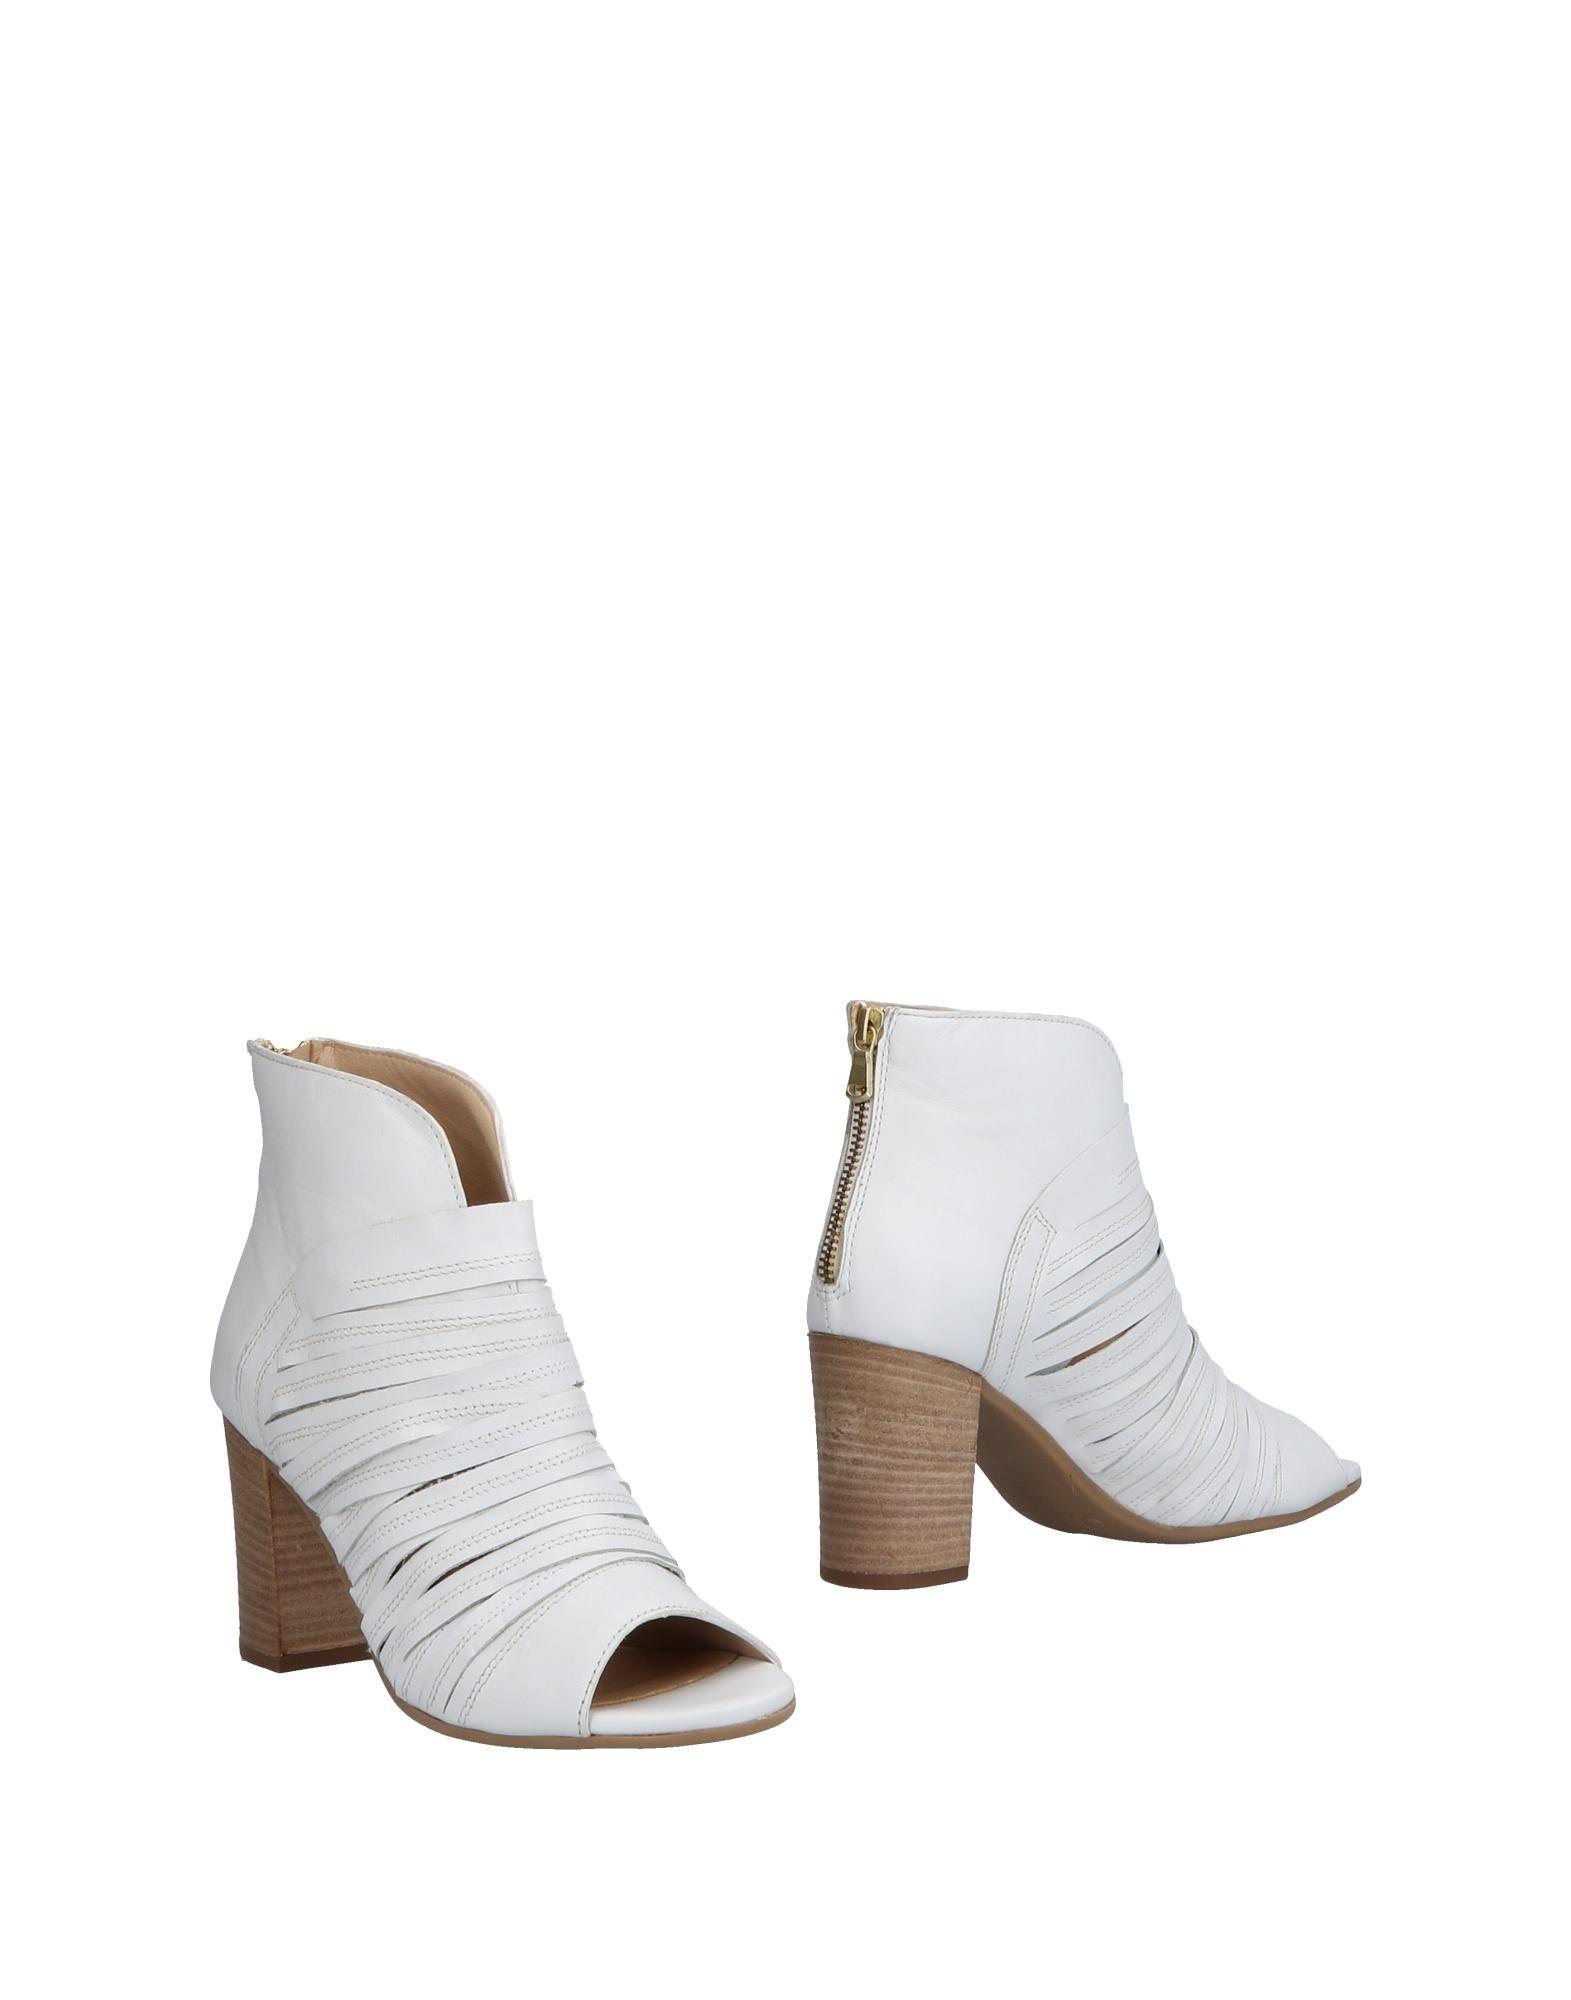 Manas Stiefelette Damen  11178521FN 11178521FN 11178521FN Gute Qualität beliebte Schuhe b380be